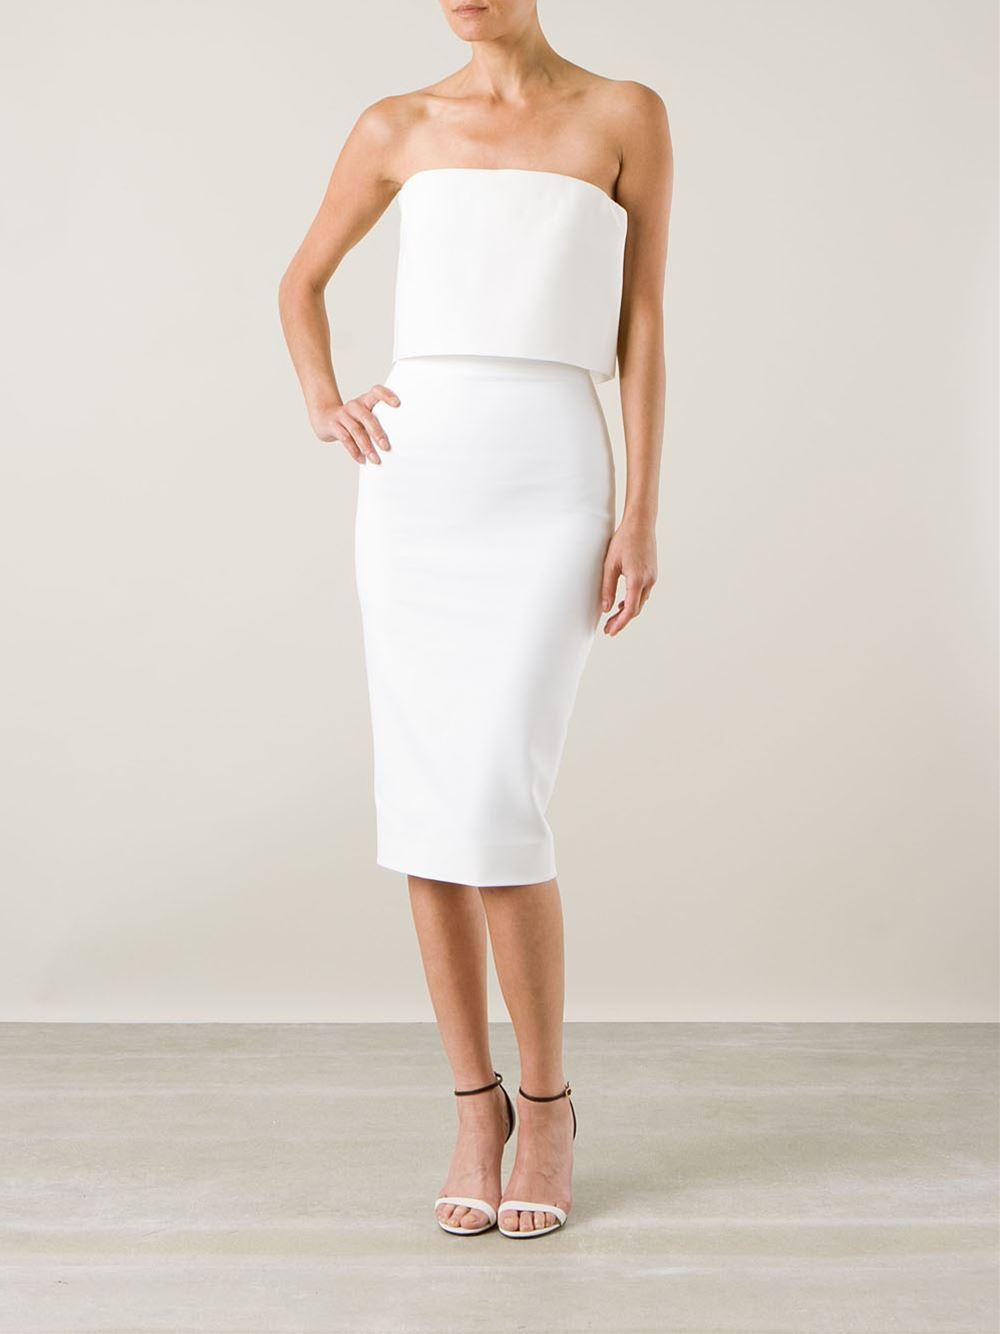 Victoria Beckham White Strapless Bustier Dress